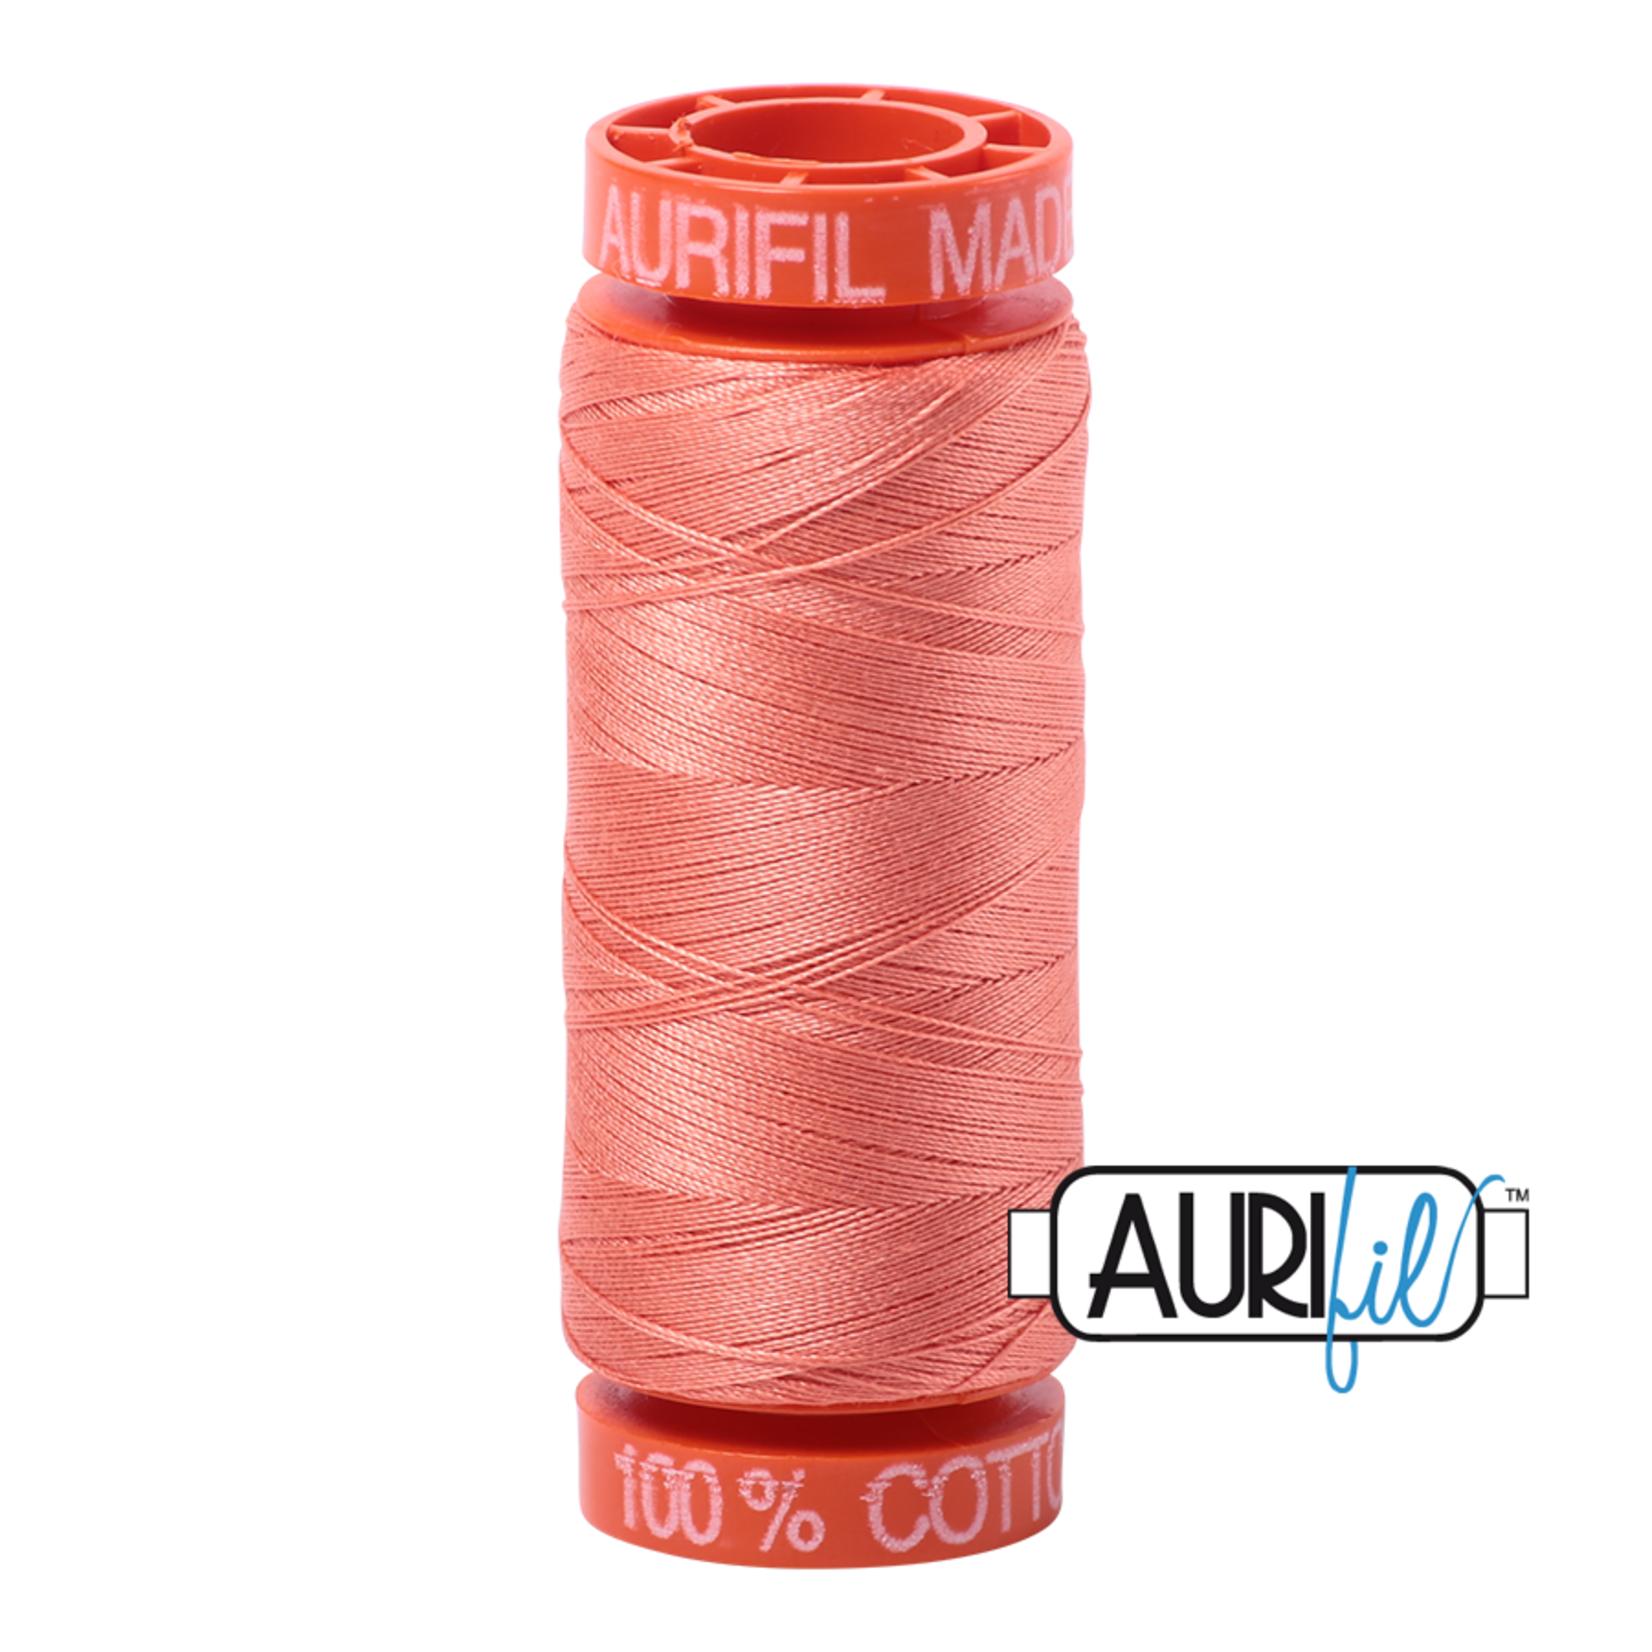 AURIFIL AURIFIL 50 WT Light Salmon 2220 Small Spool